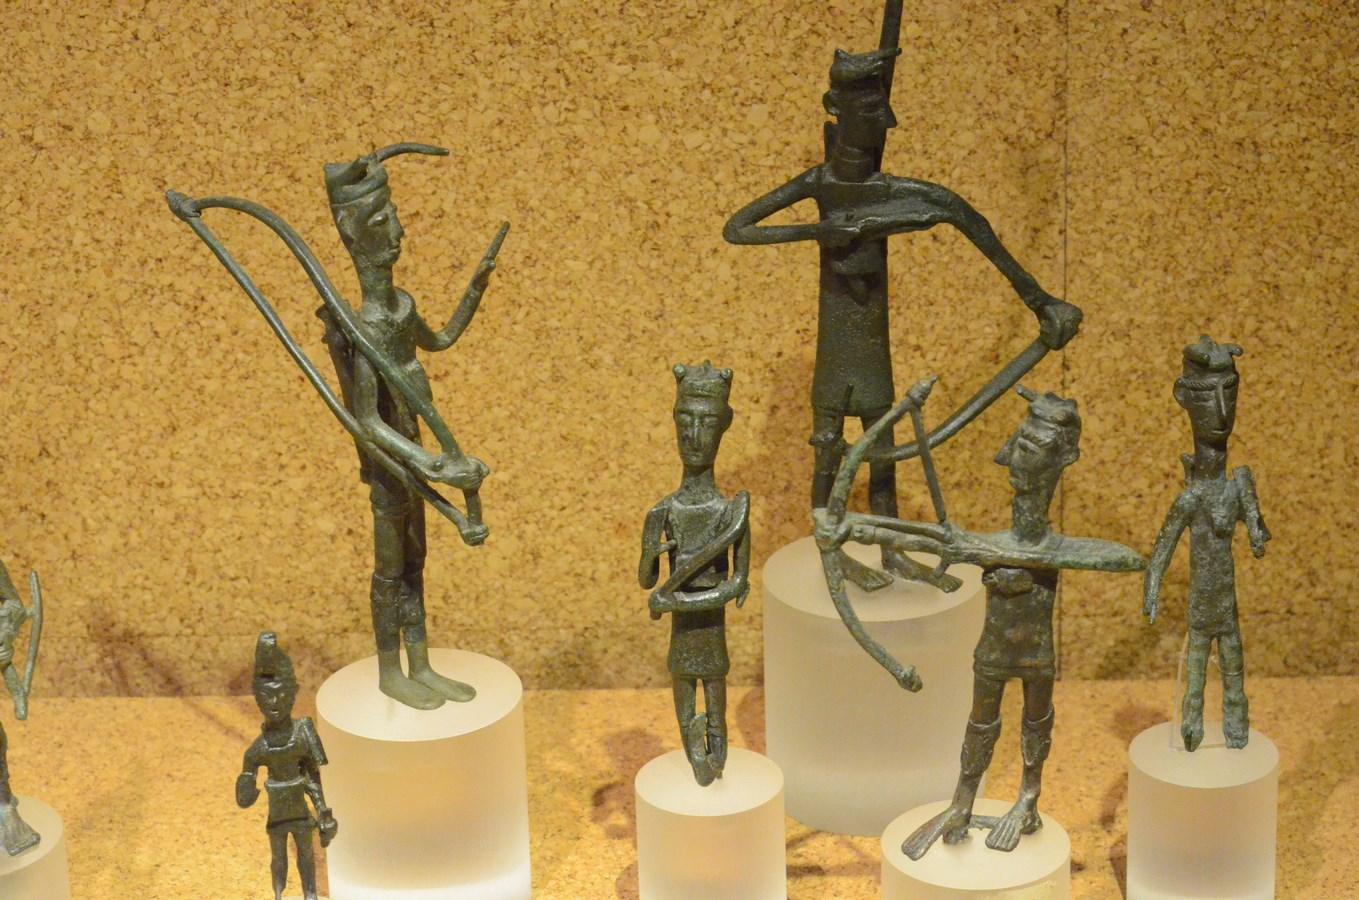 Cagliari, Archäologisches Museum, Kleinskulpturen der Nuraghenleute